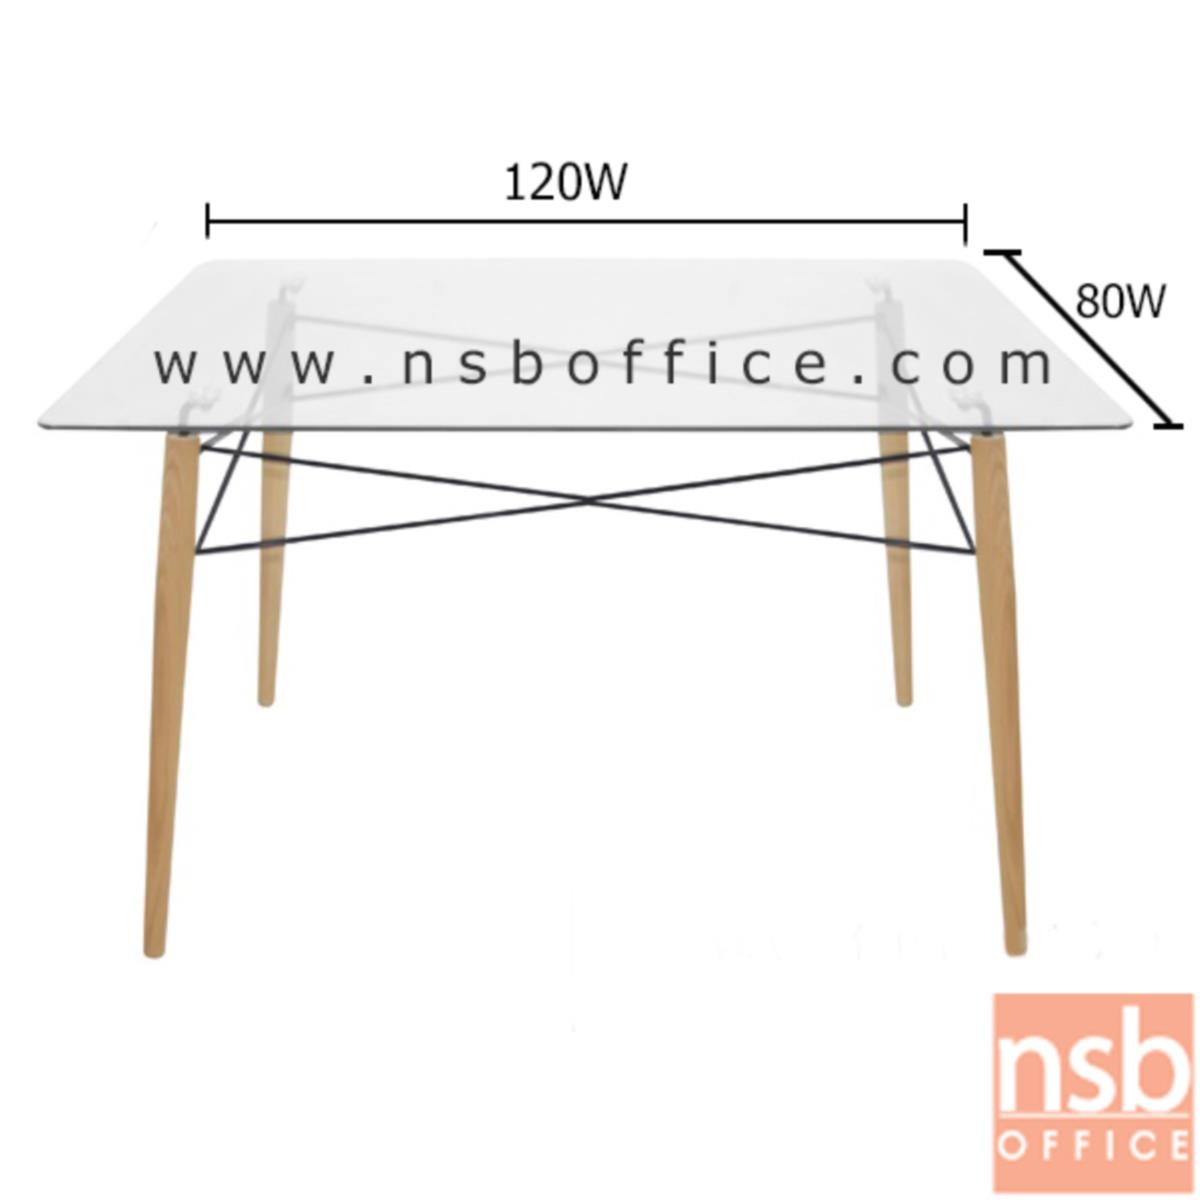 โต๊ะเหลี่ยมหน้ากระจก รุ่น Caldolor (คอลโดล่า) ขนาด 120W cm. โครงเหล็กชุบโครเมี่ยม เสริมด้วยไม้สีบีช